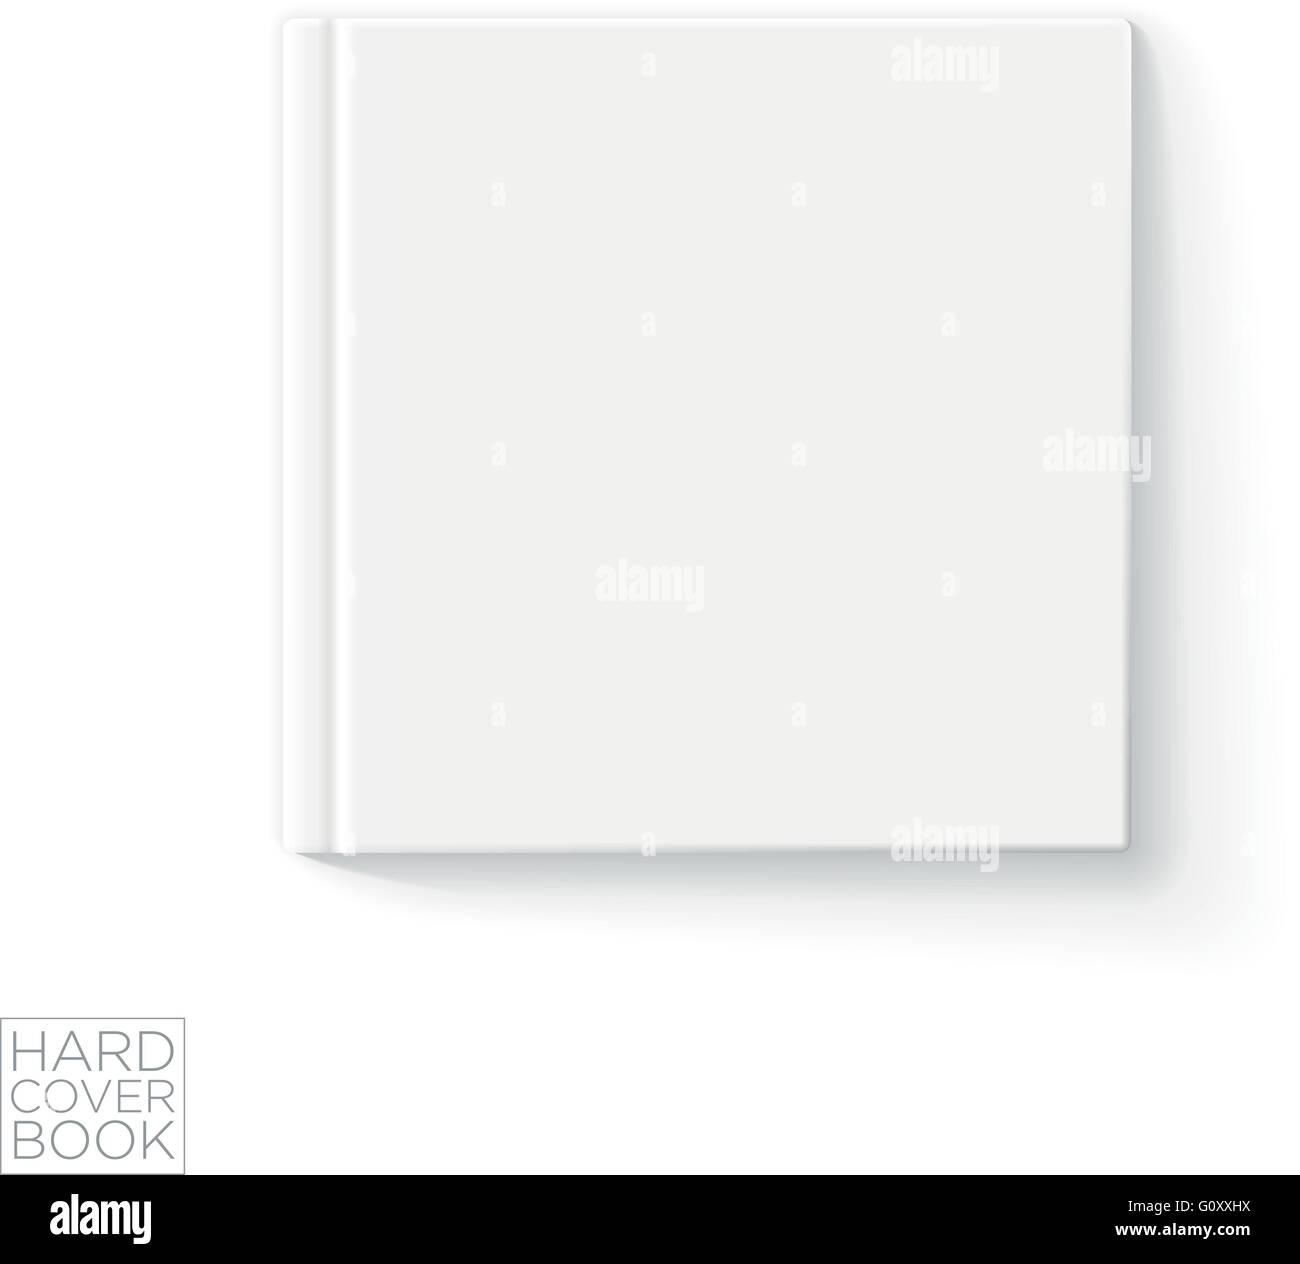 Groß Wort Vorlage Buch Fotos - Beispiel Anschreiben für Lebenslauf ...